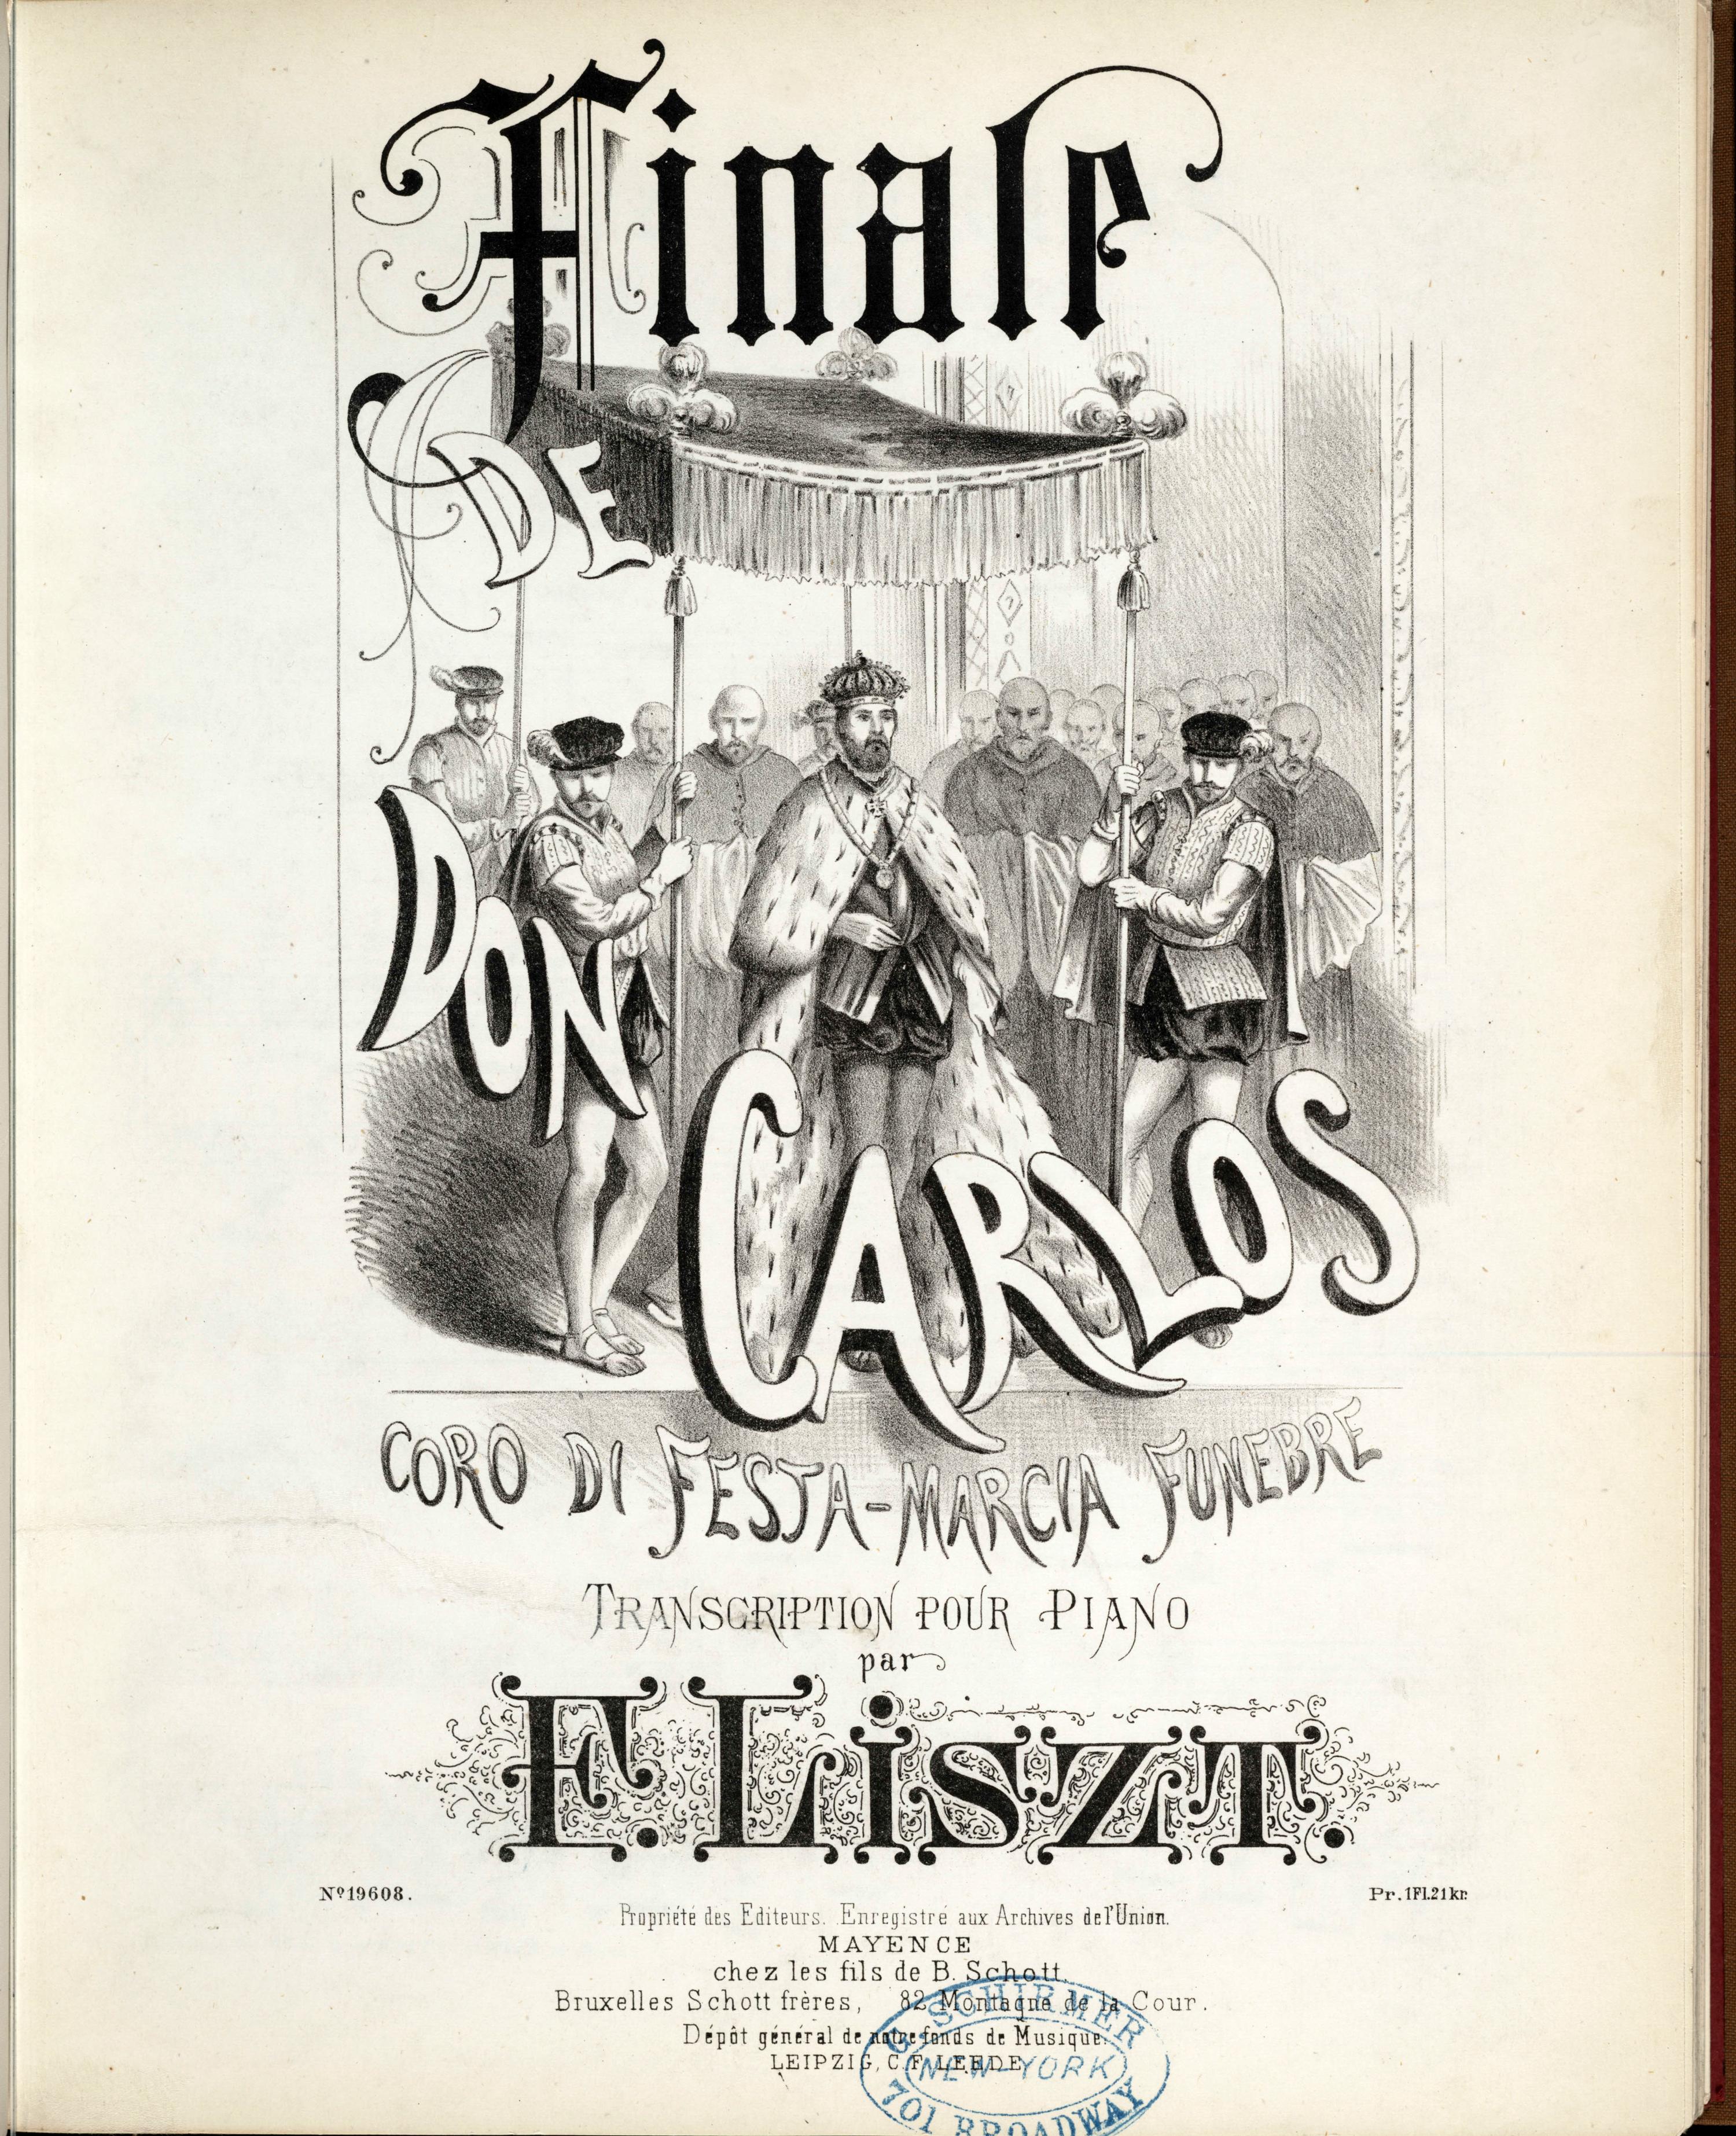 Don Carlos – Transkription des Coro di festa und des Marcia di funebre von Franz Liszt